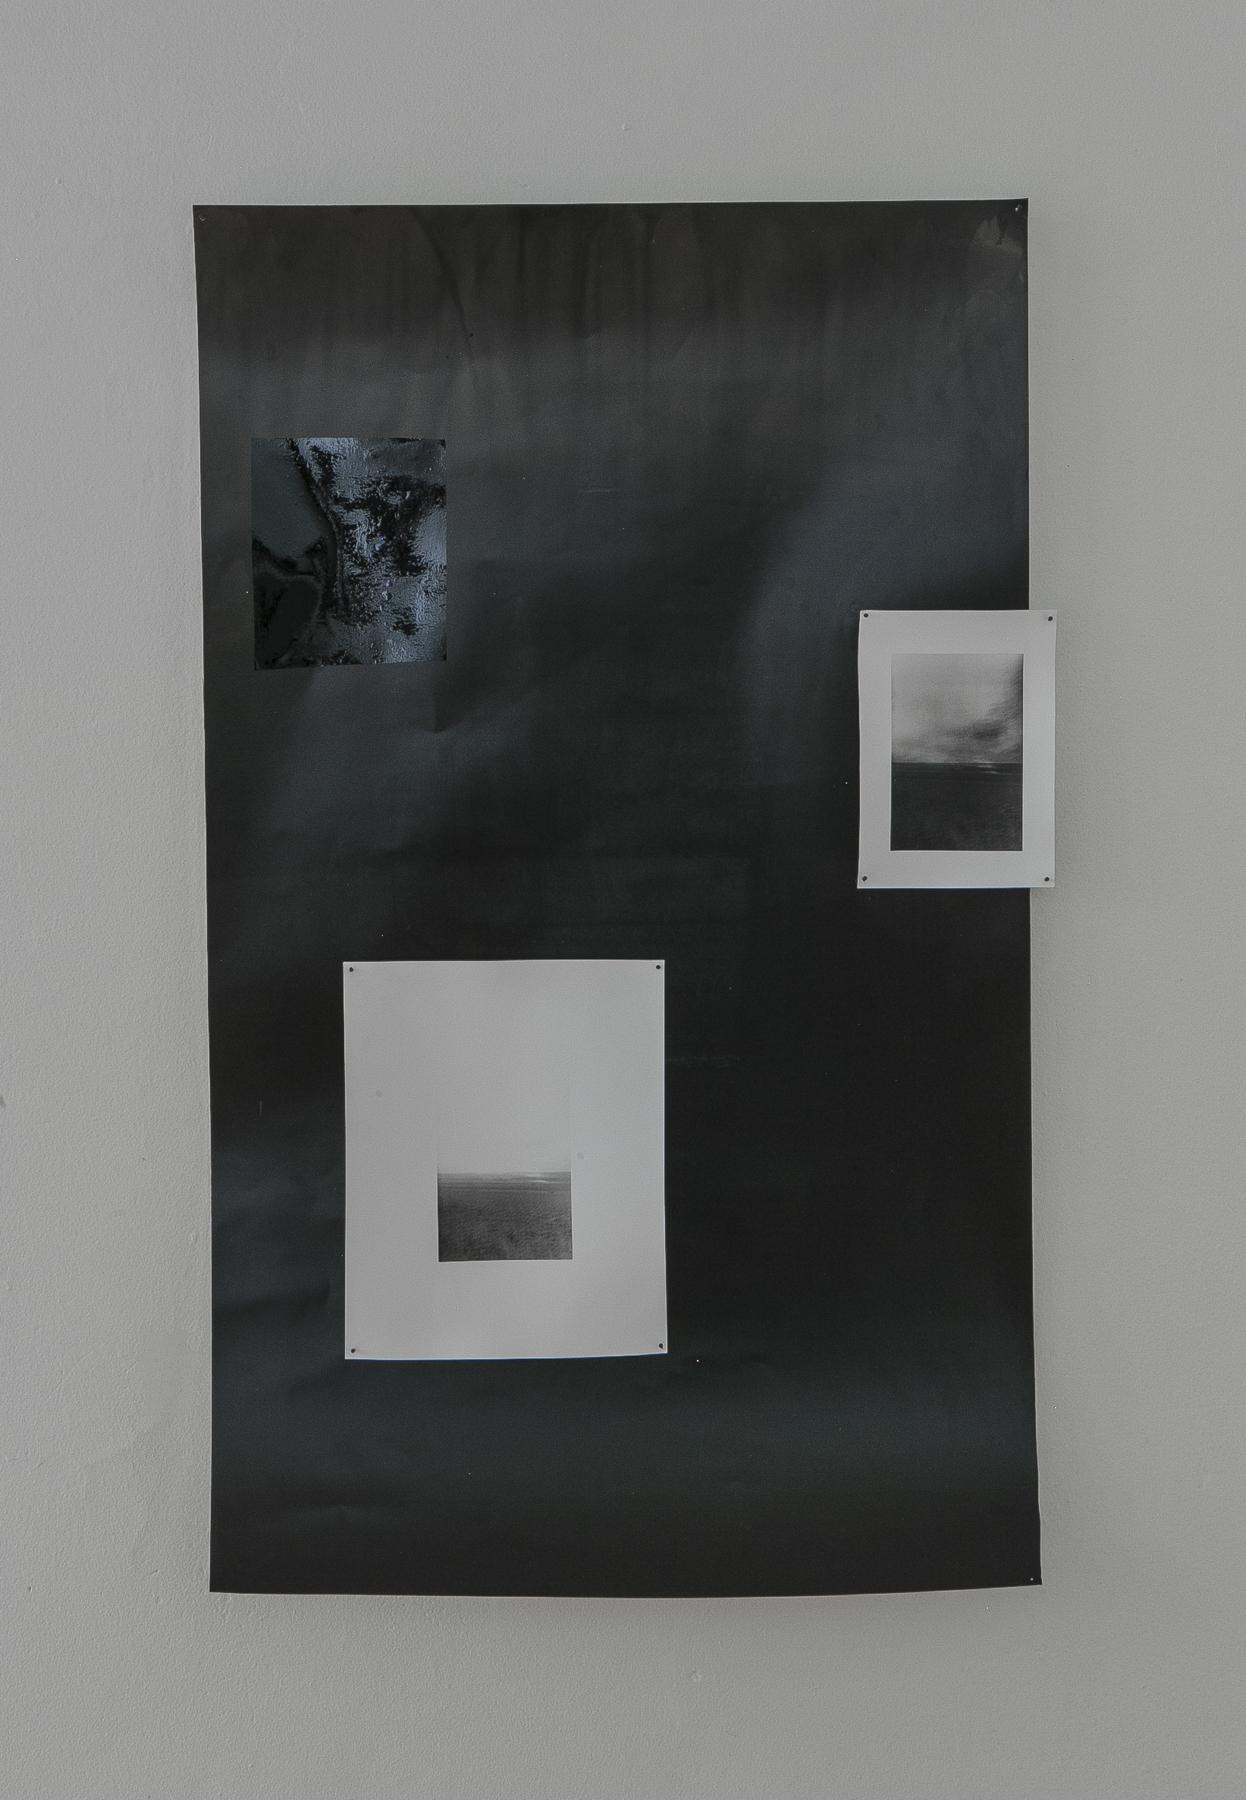 Kioto Aoki and Daniel Hojnacki,  Seascape/Lakefront,  Silver gelatin prints, window tinting film, 2019